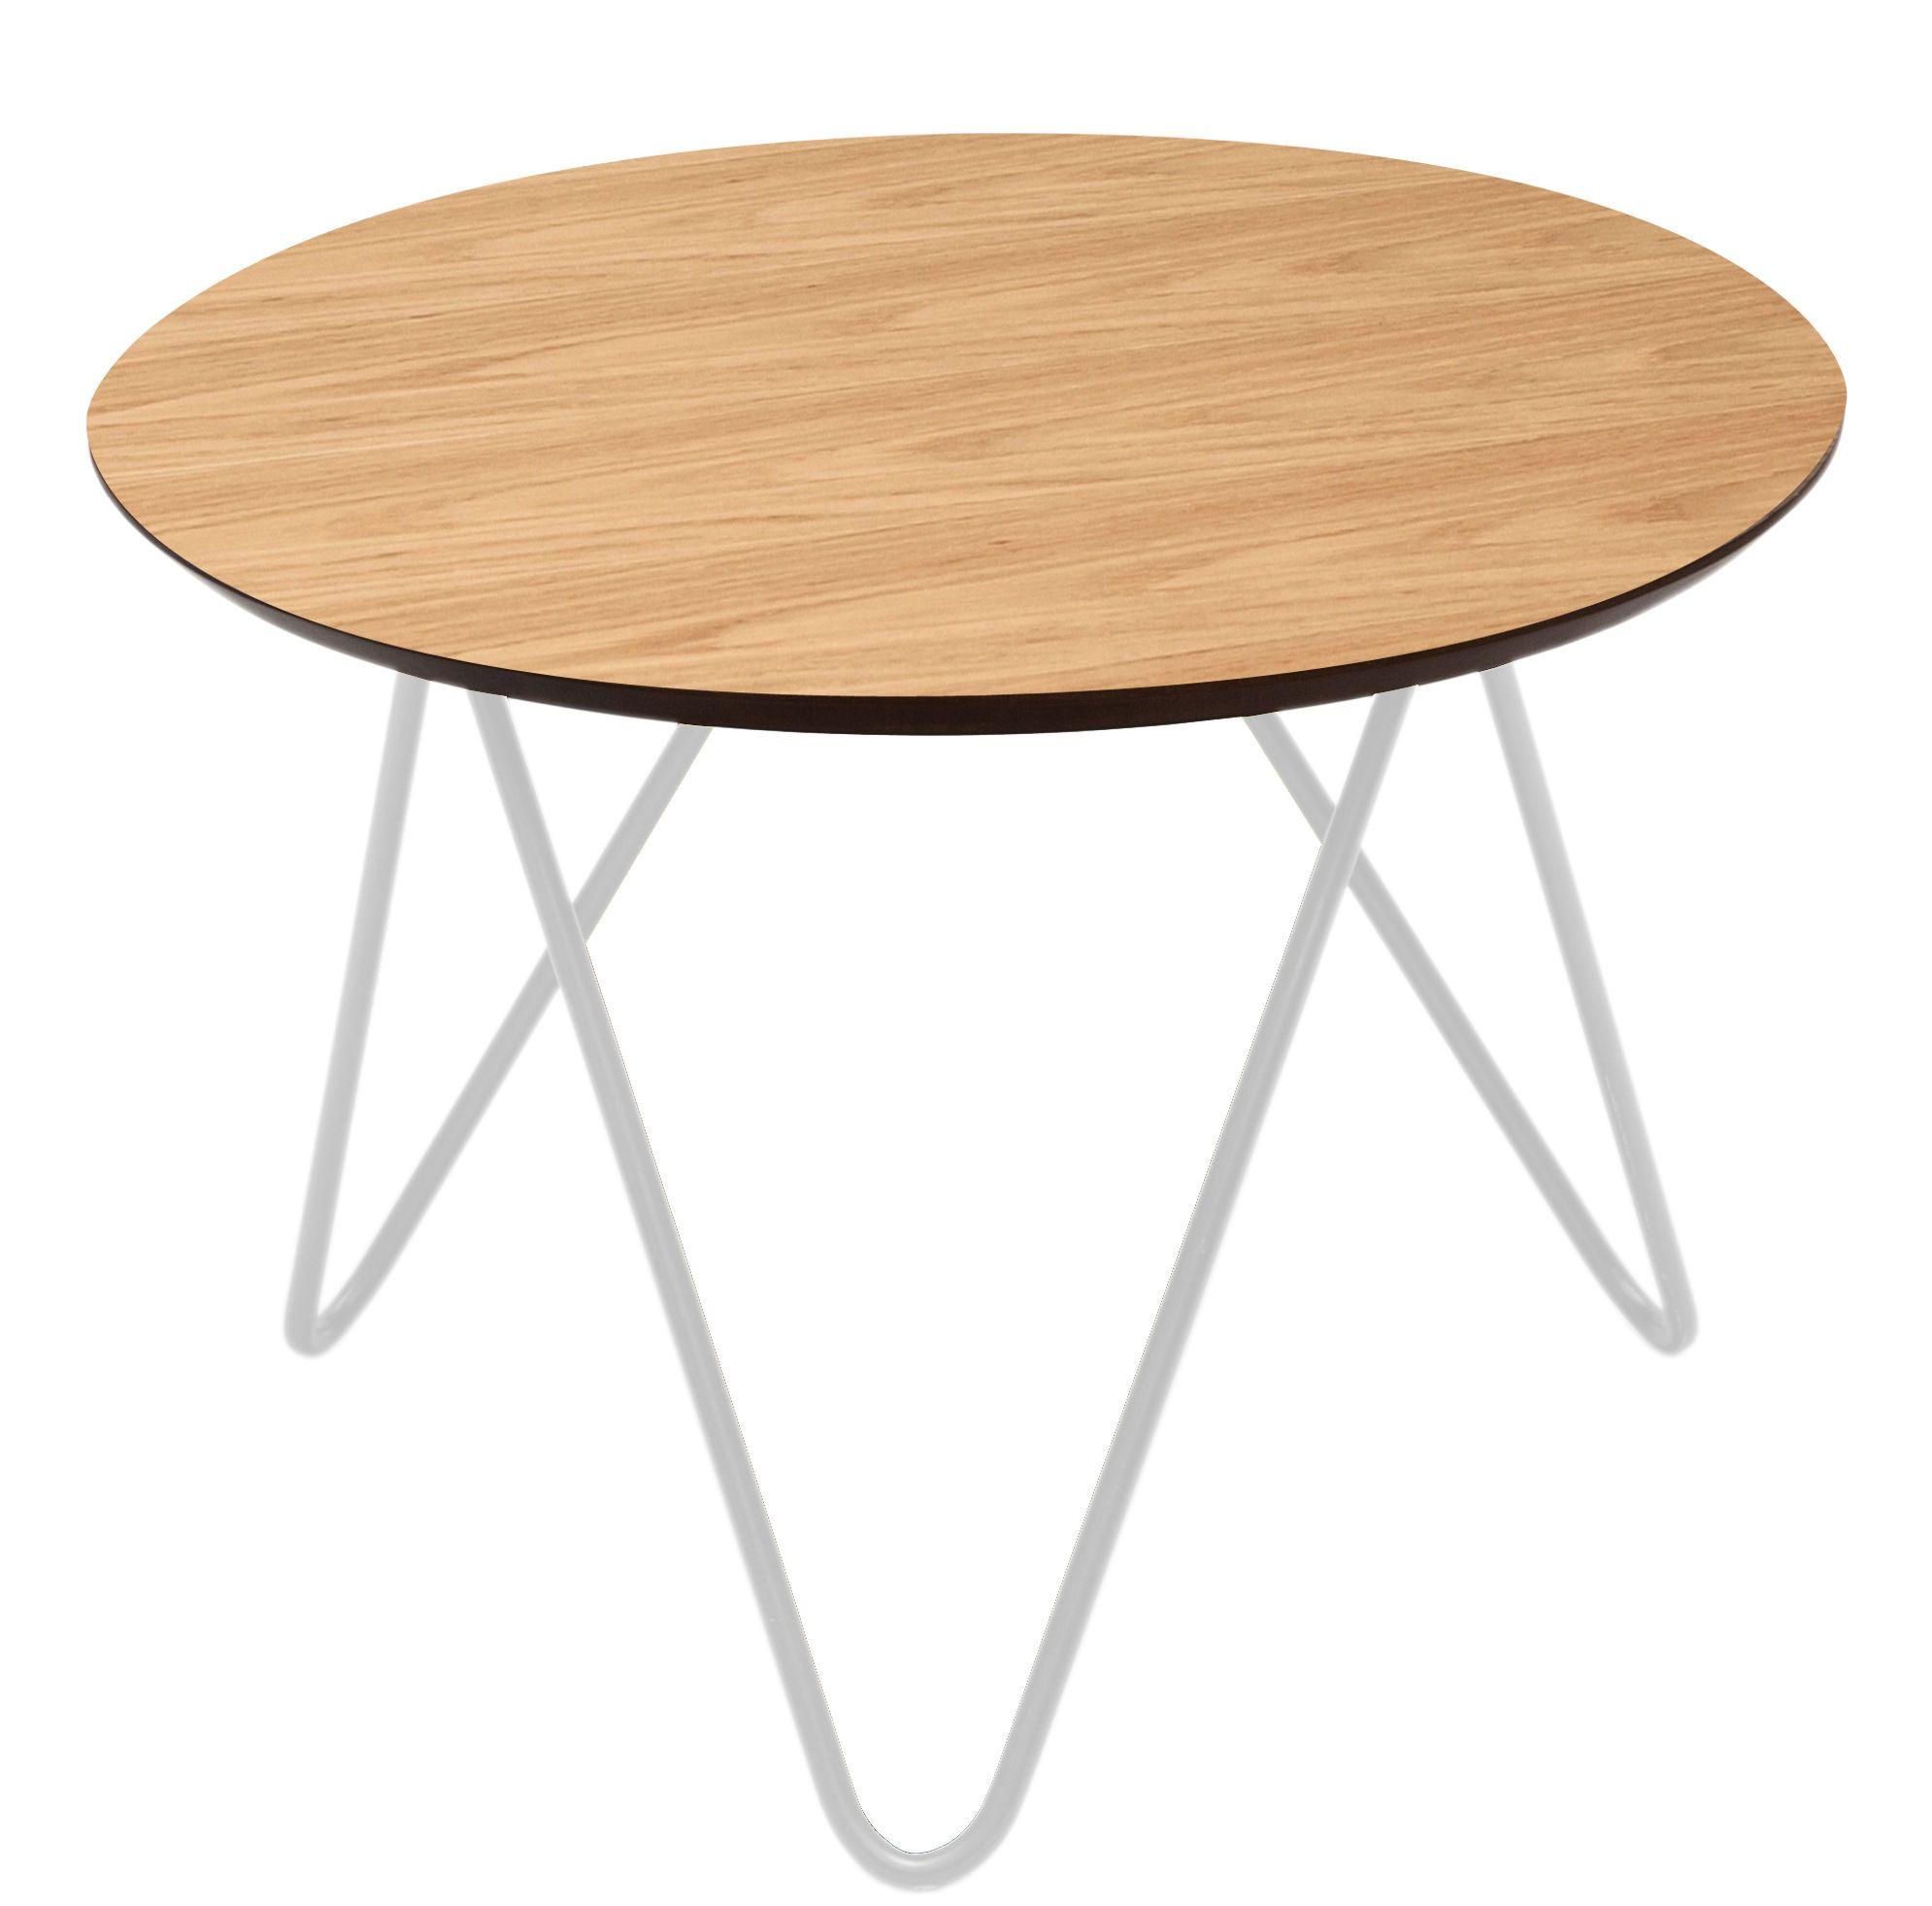 Impressionnant De Sentou Table Basse Des Idées